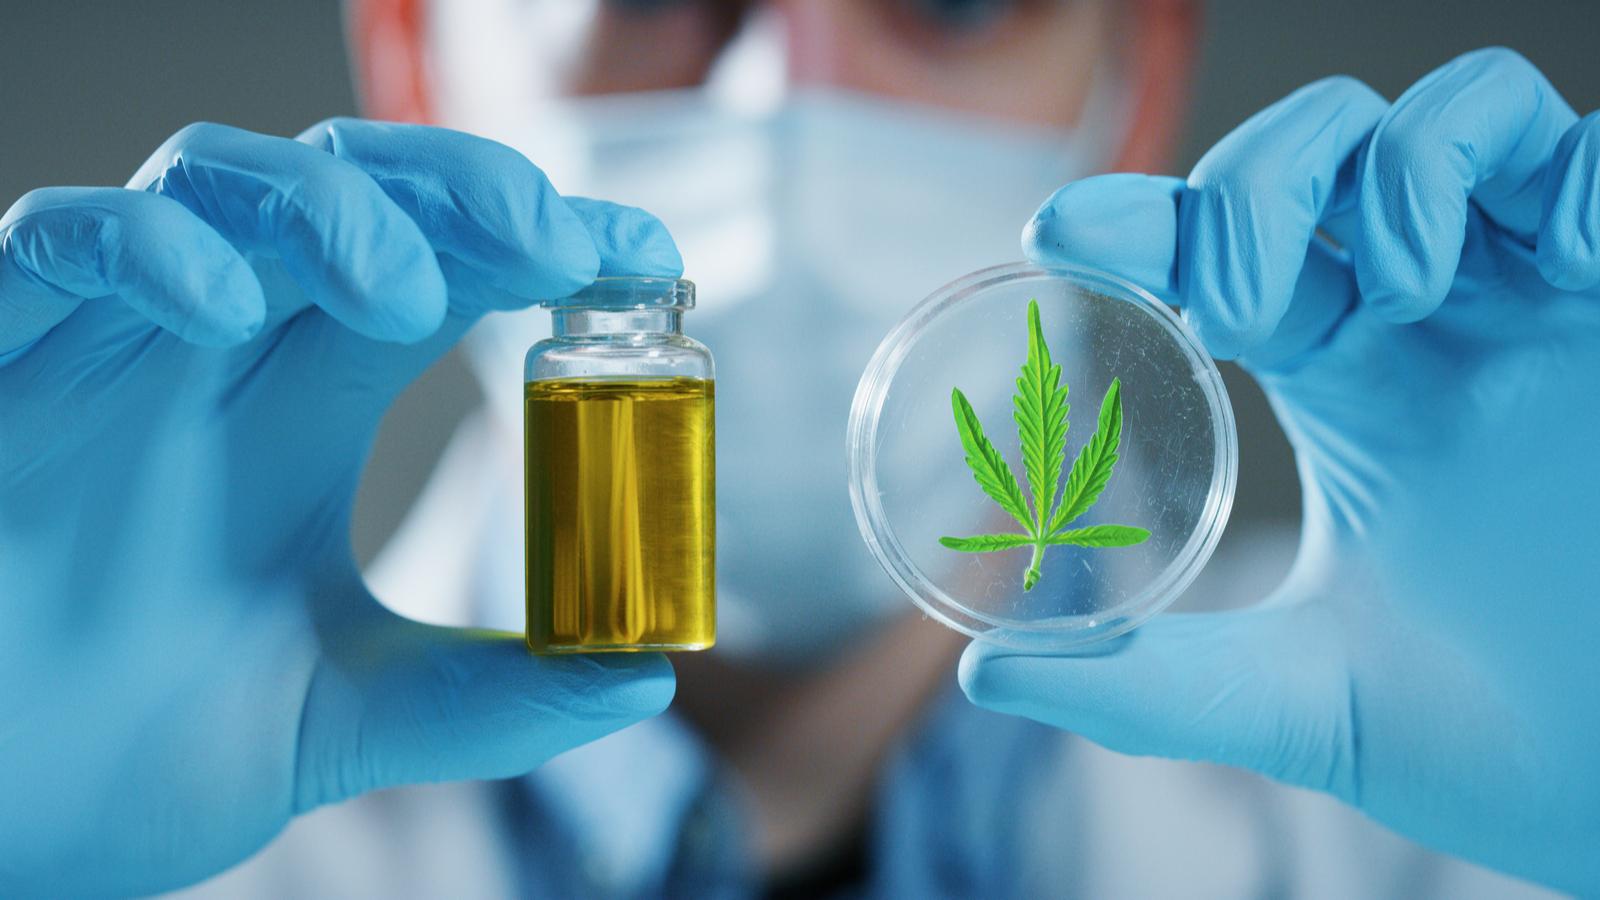 ¿Cuánto tiempo dura la Marihuana ó Cannabis en la sangre? | Descarga la guía PDF aquí